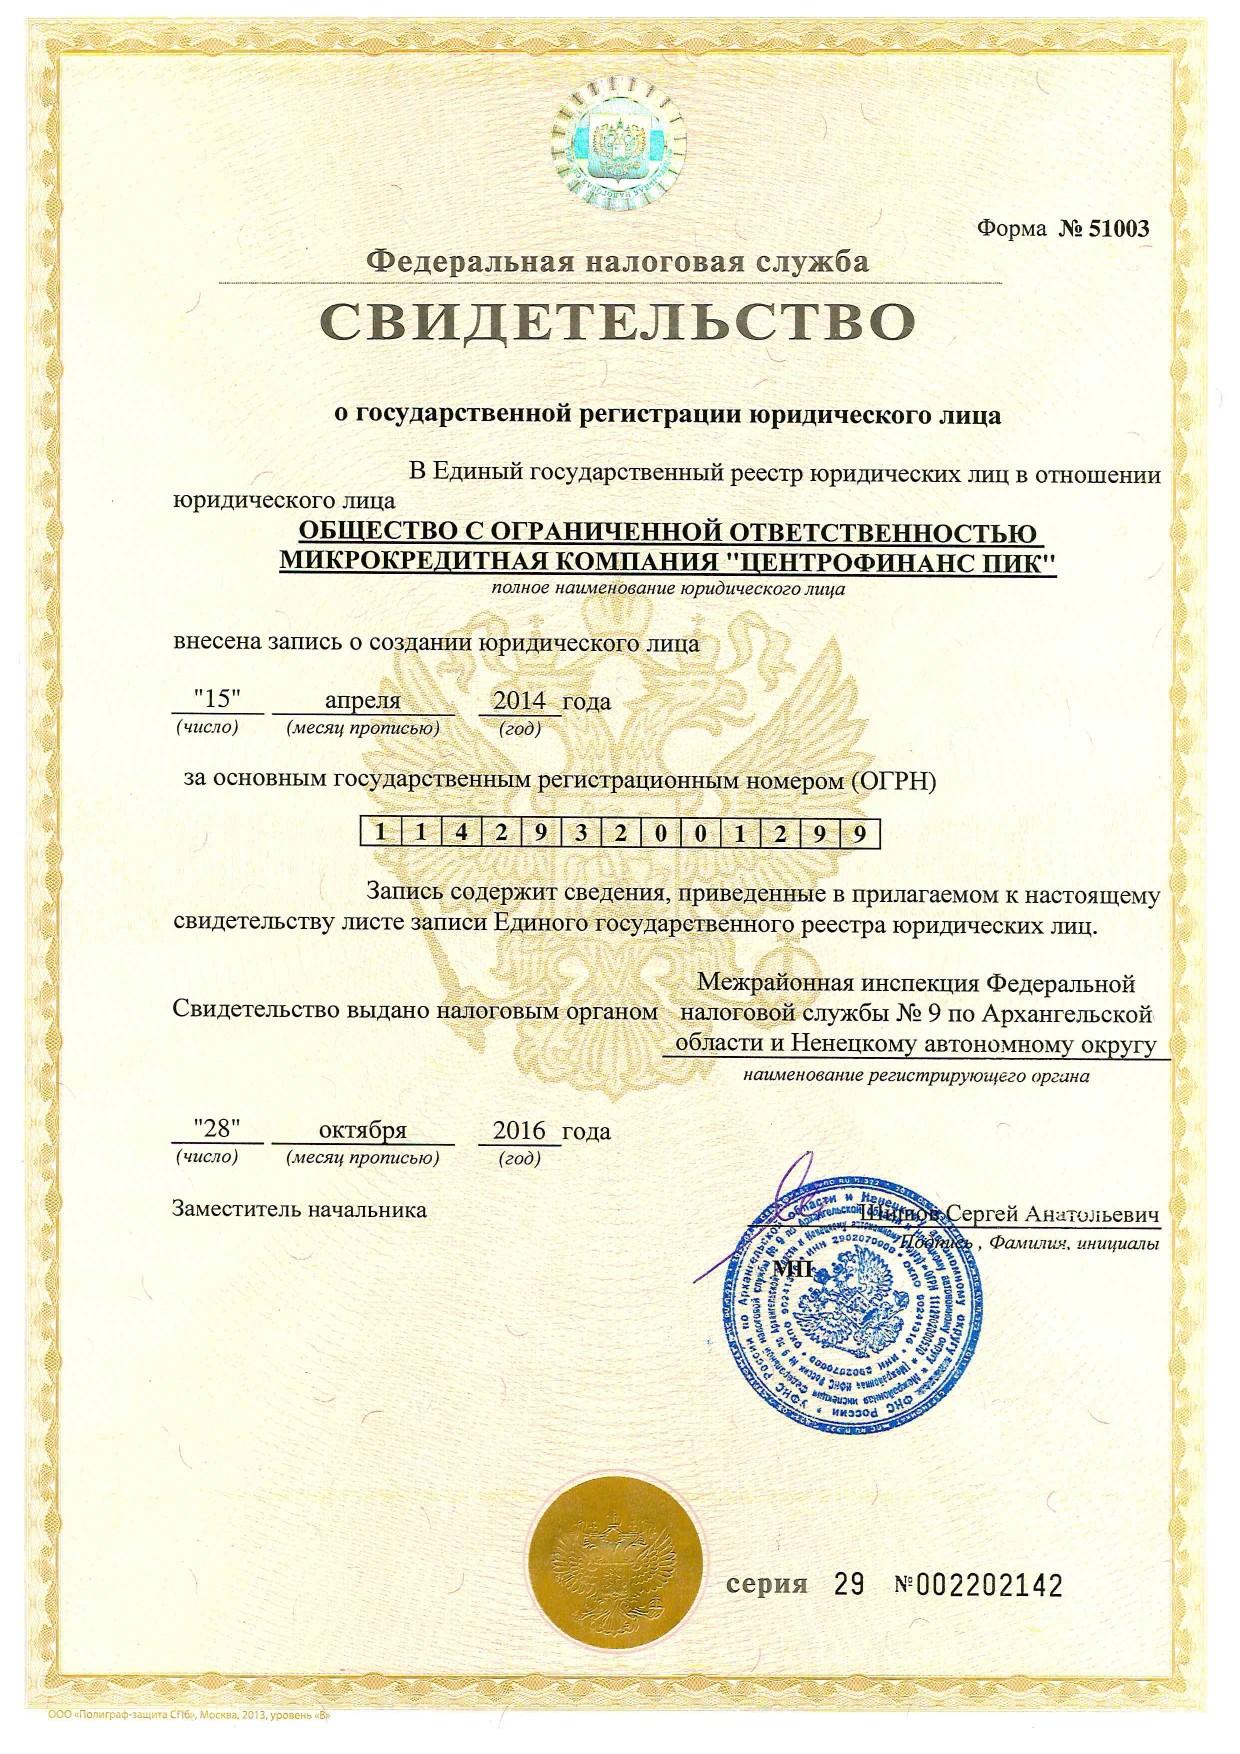 центрофинанс оплатить займ через сбербанк схема метро москвы 2020 крупным планом с новыми станциями